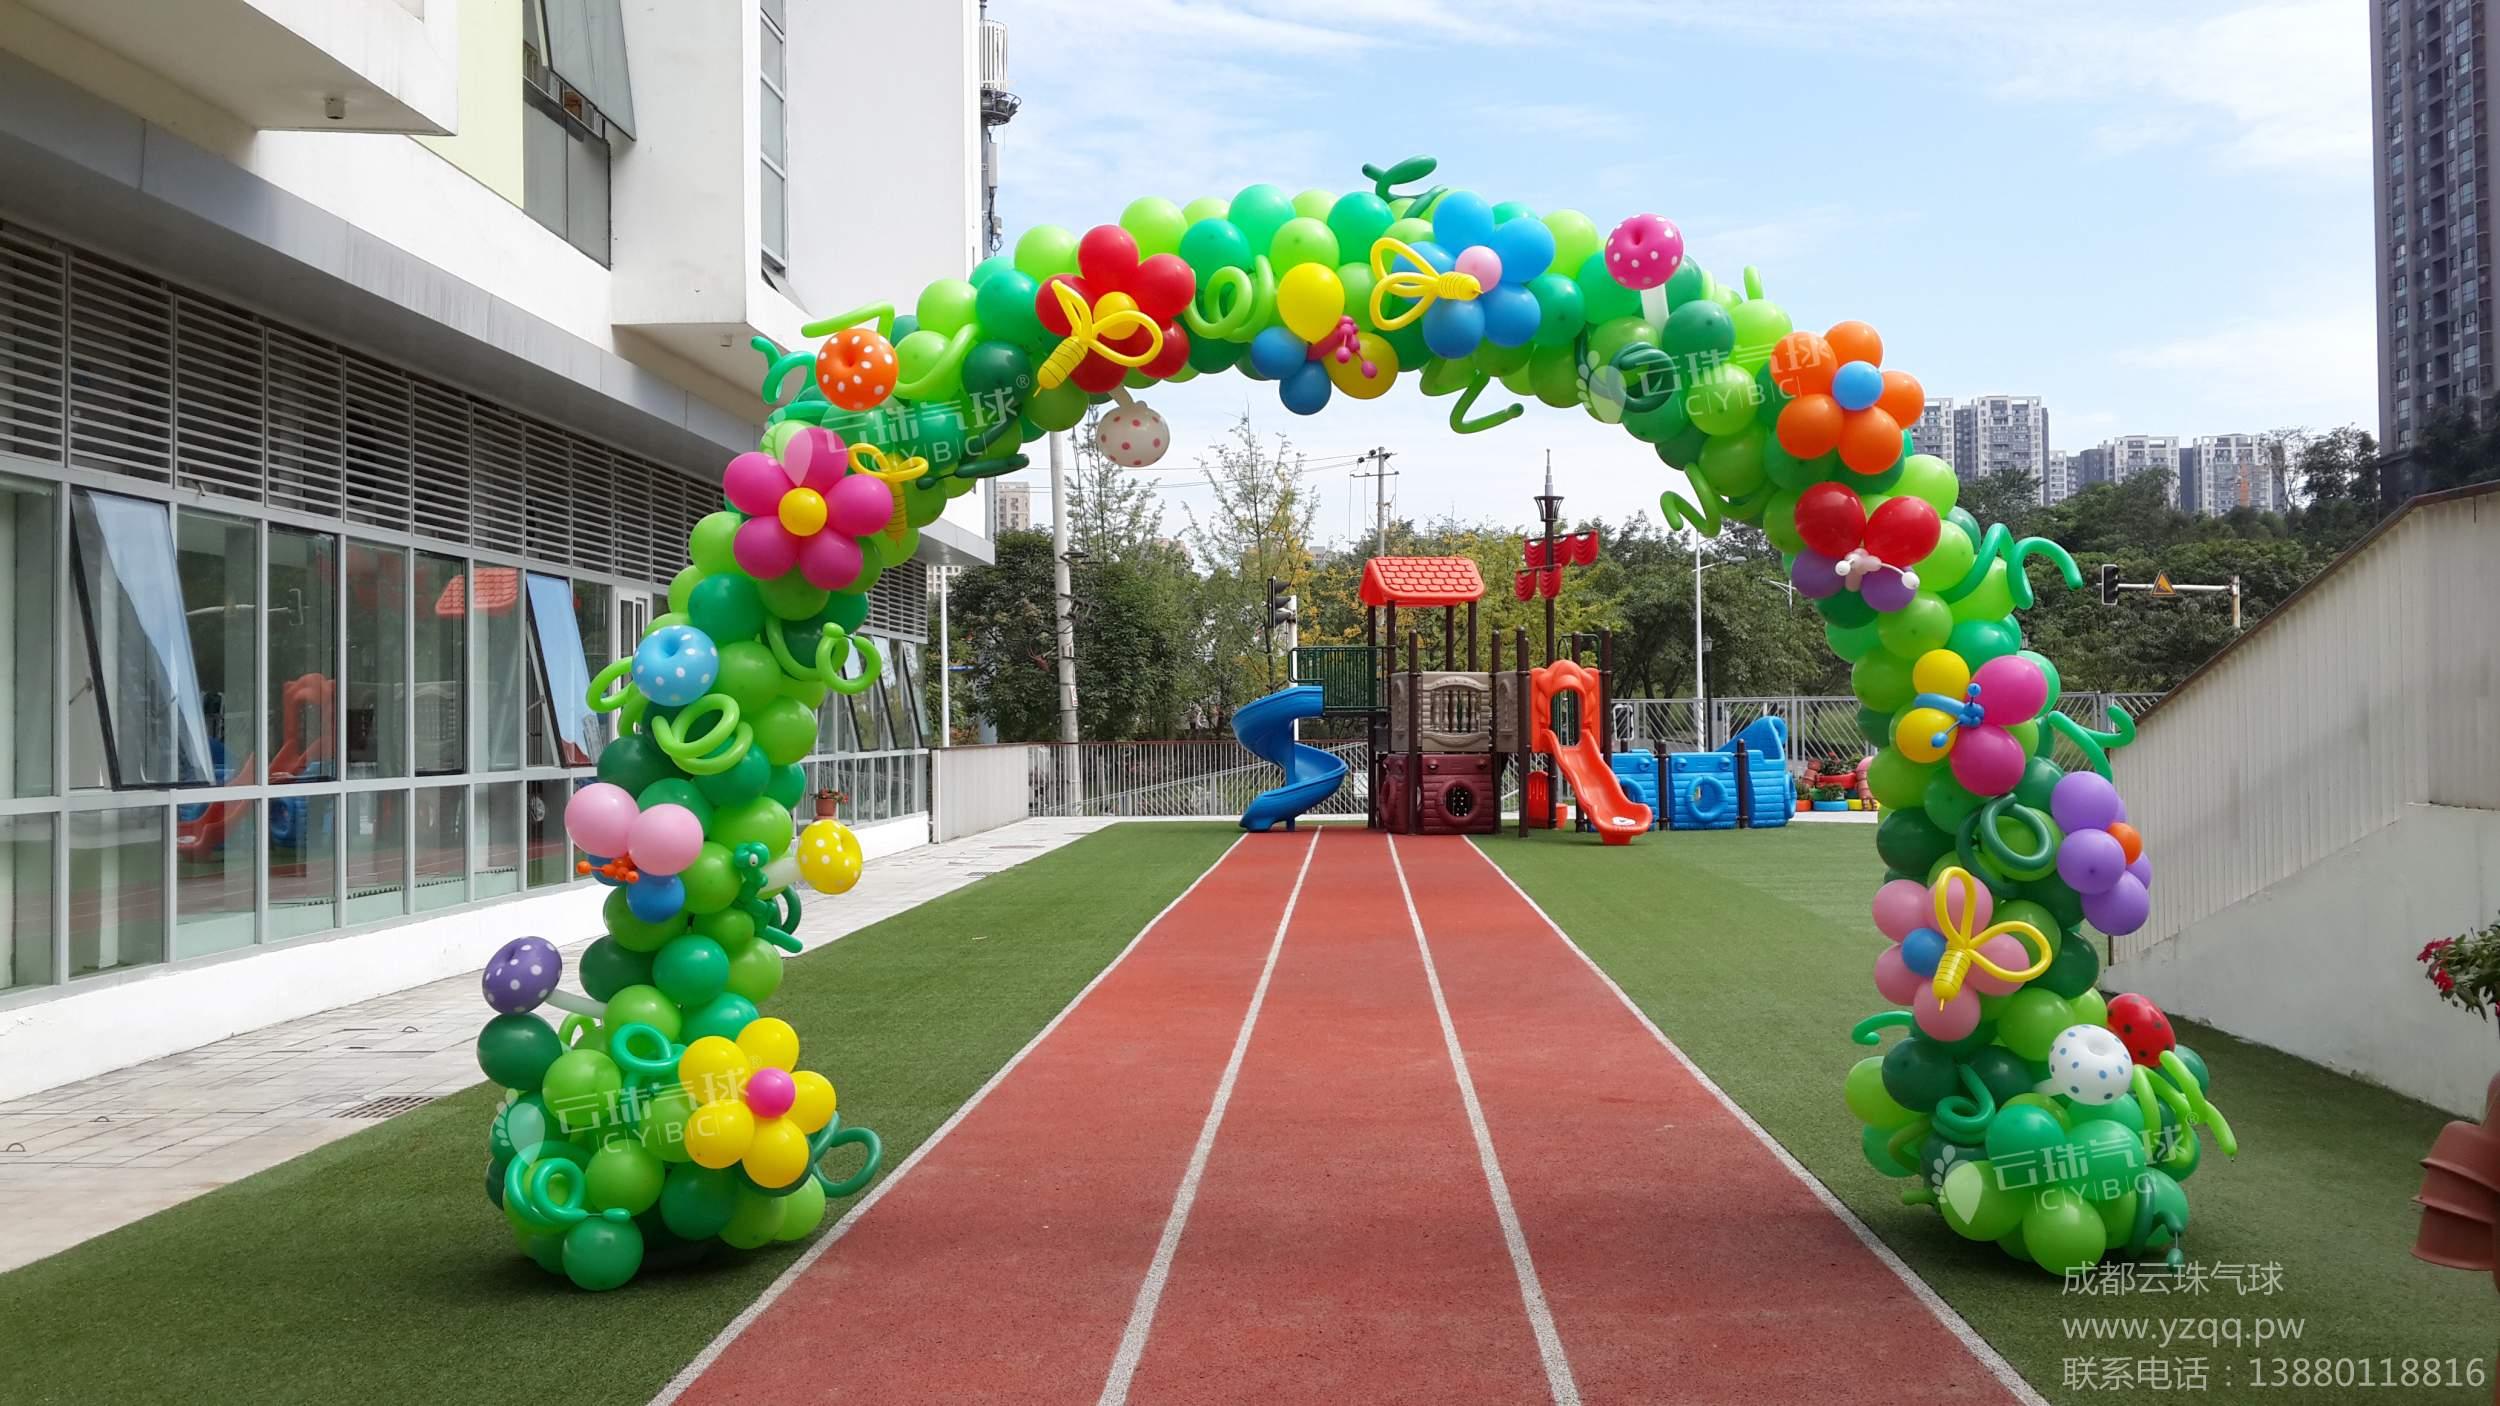 供应气球拱门/气球造型拱门/气球装饰/成都气球装饰造型